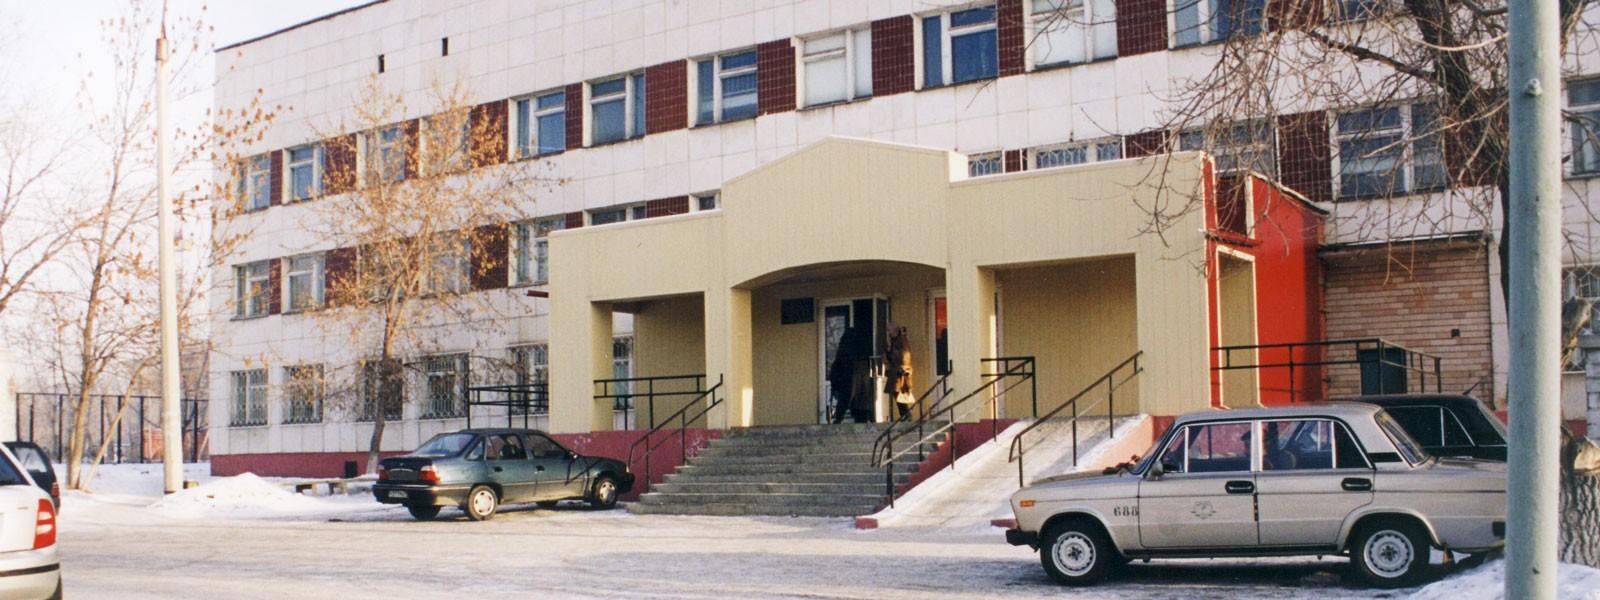 Краевая стоматологическая клиника в краснодаре сайт